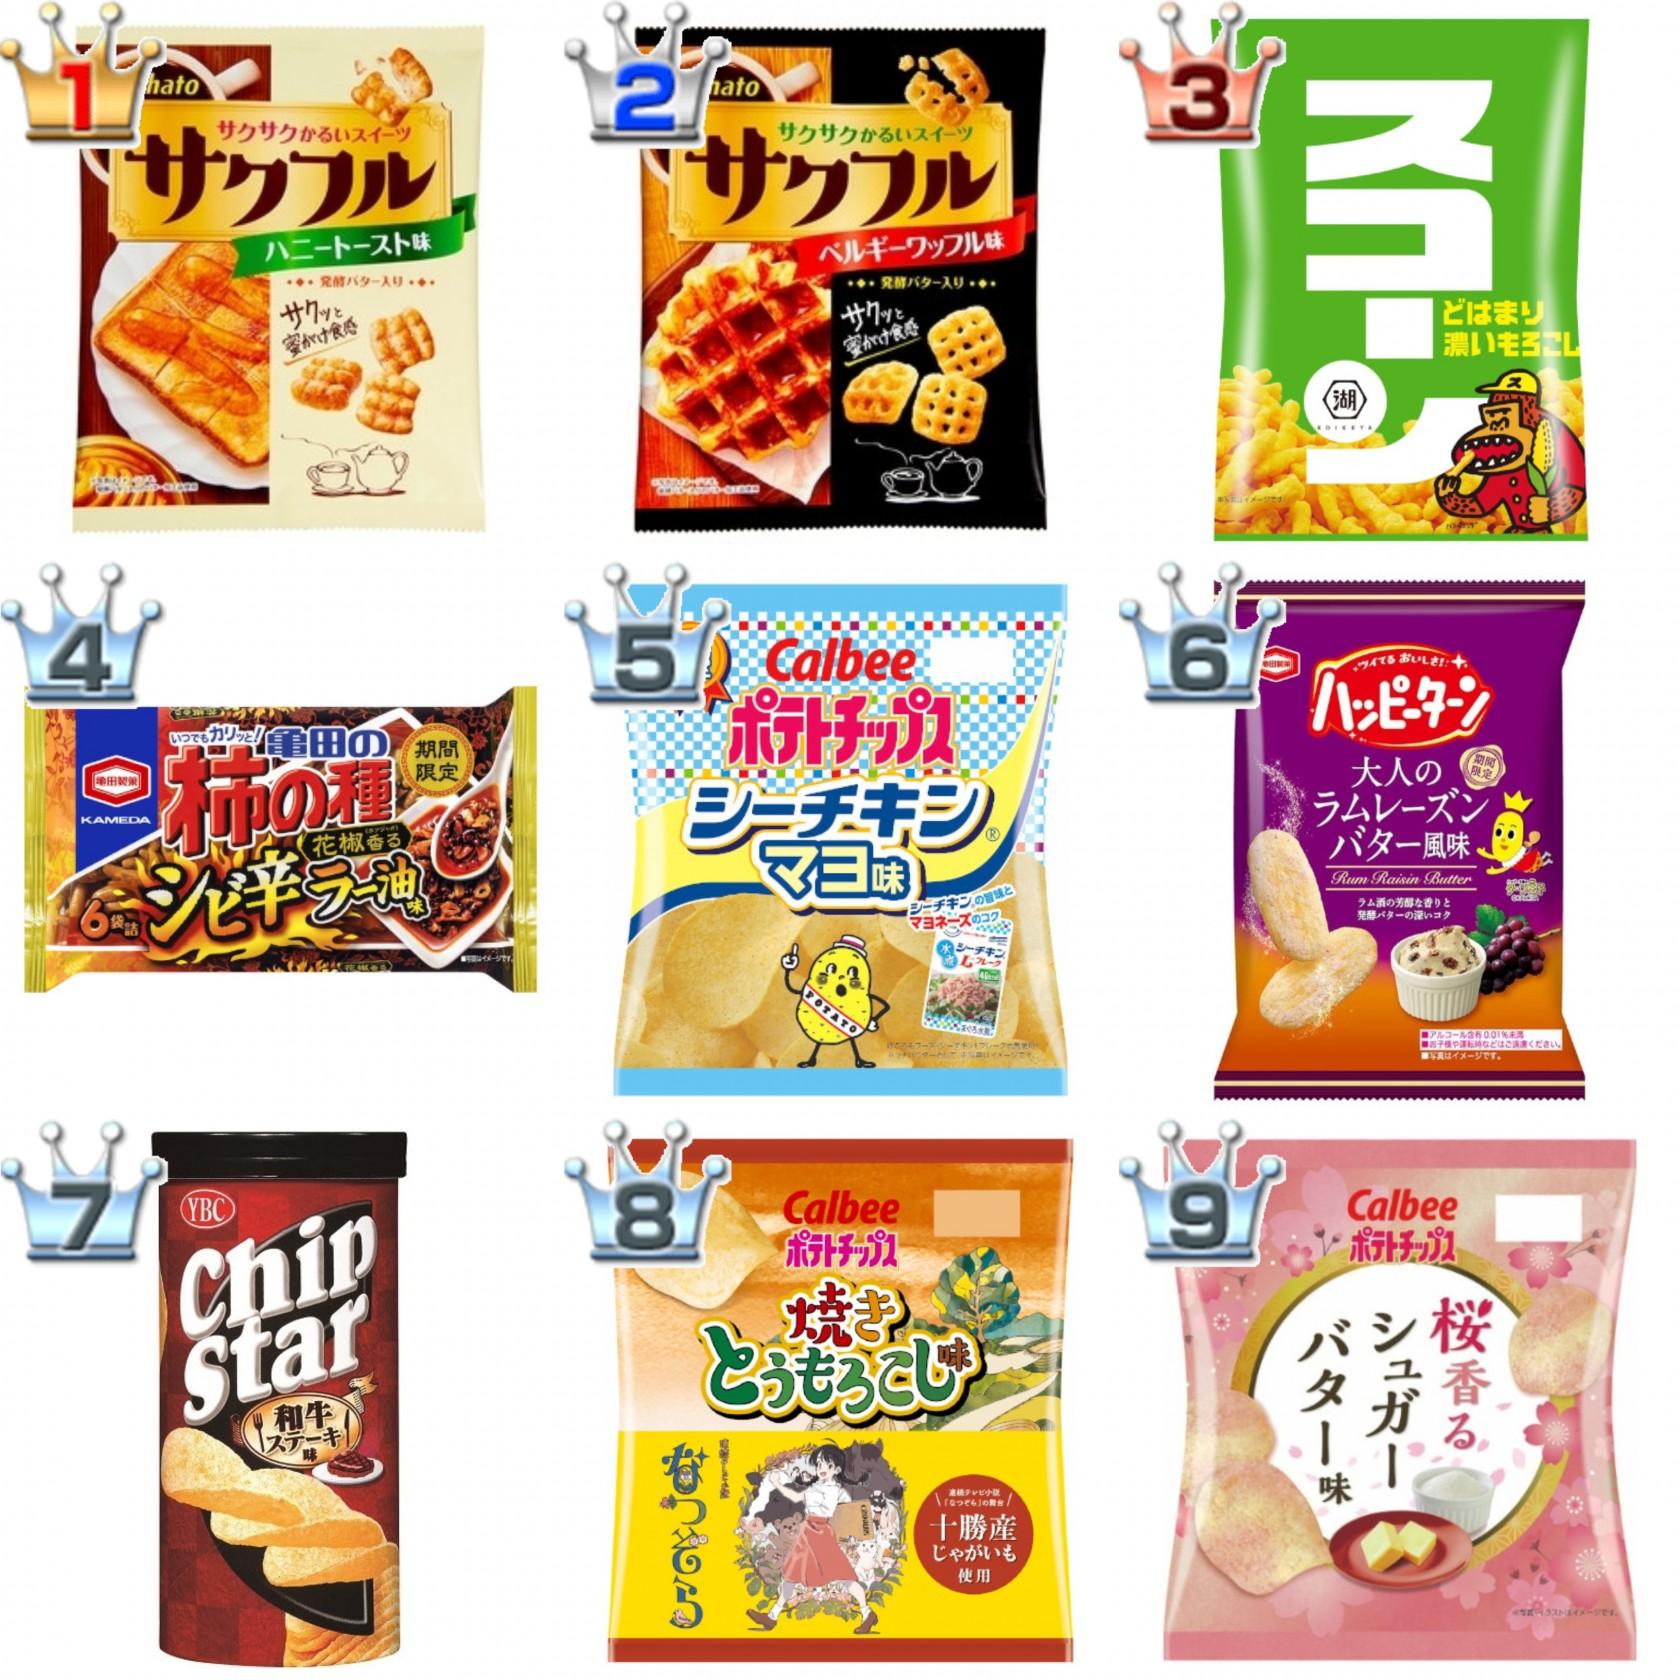 スナック菓子おすすめランキングBEST20!